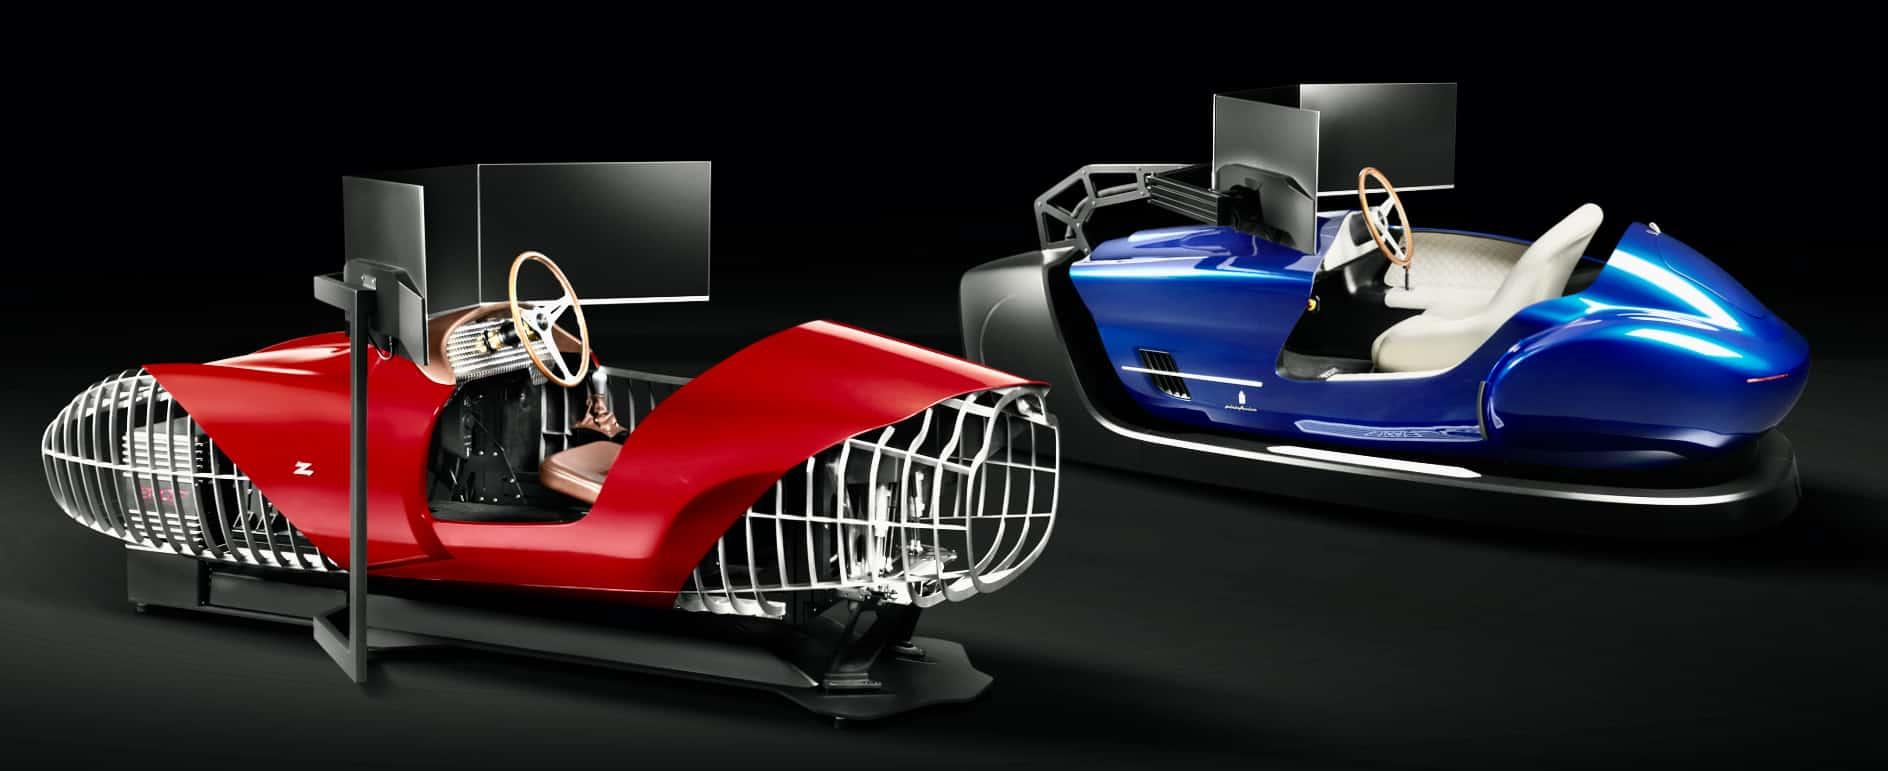 Zagato simulator